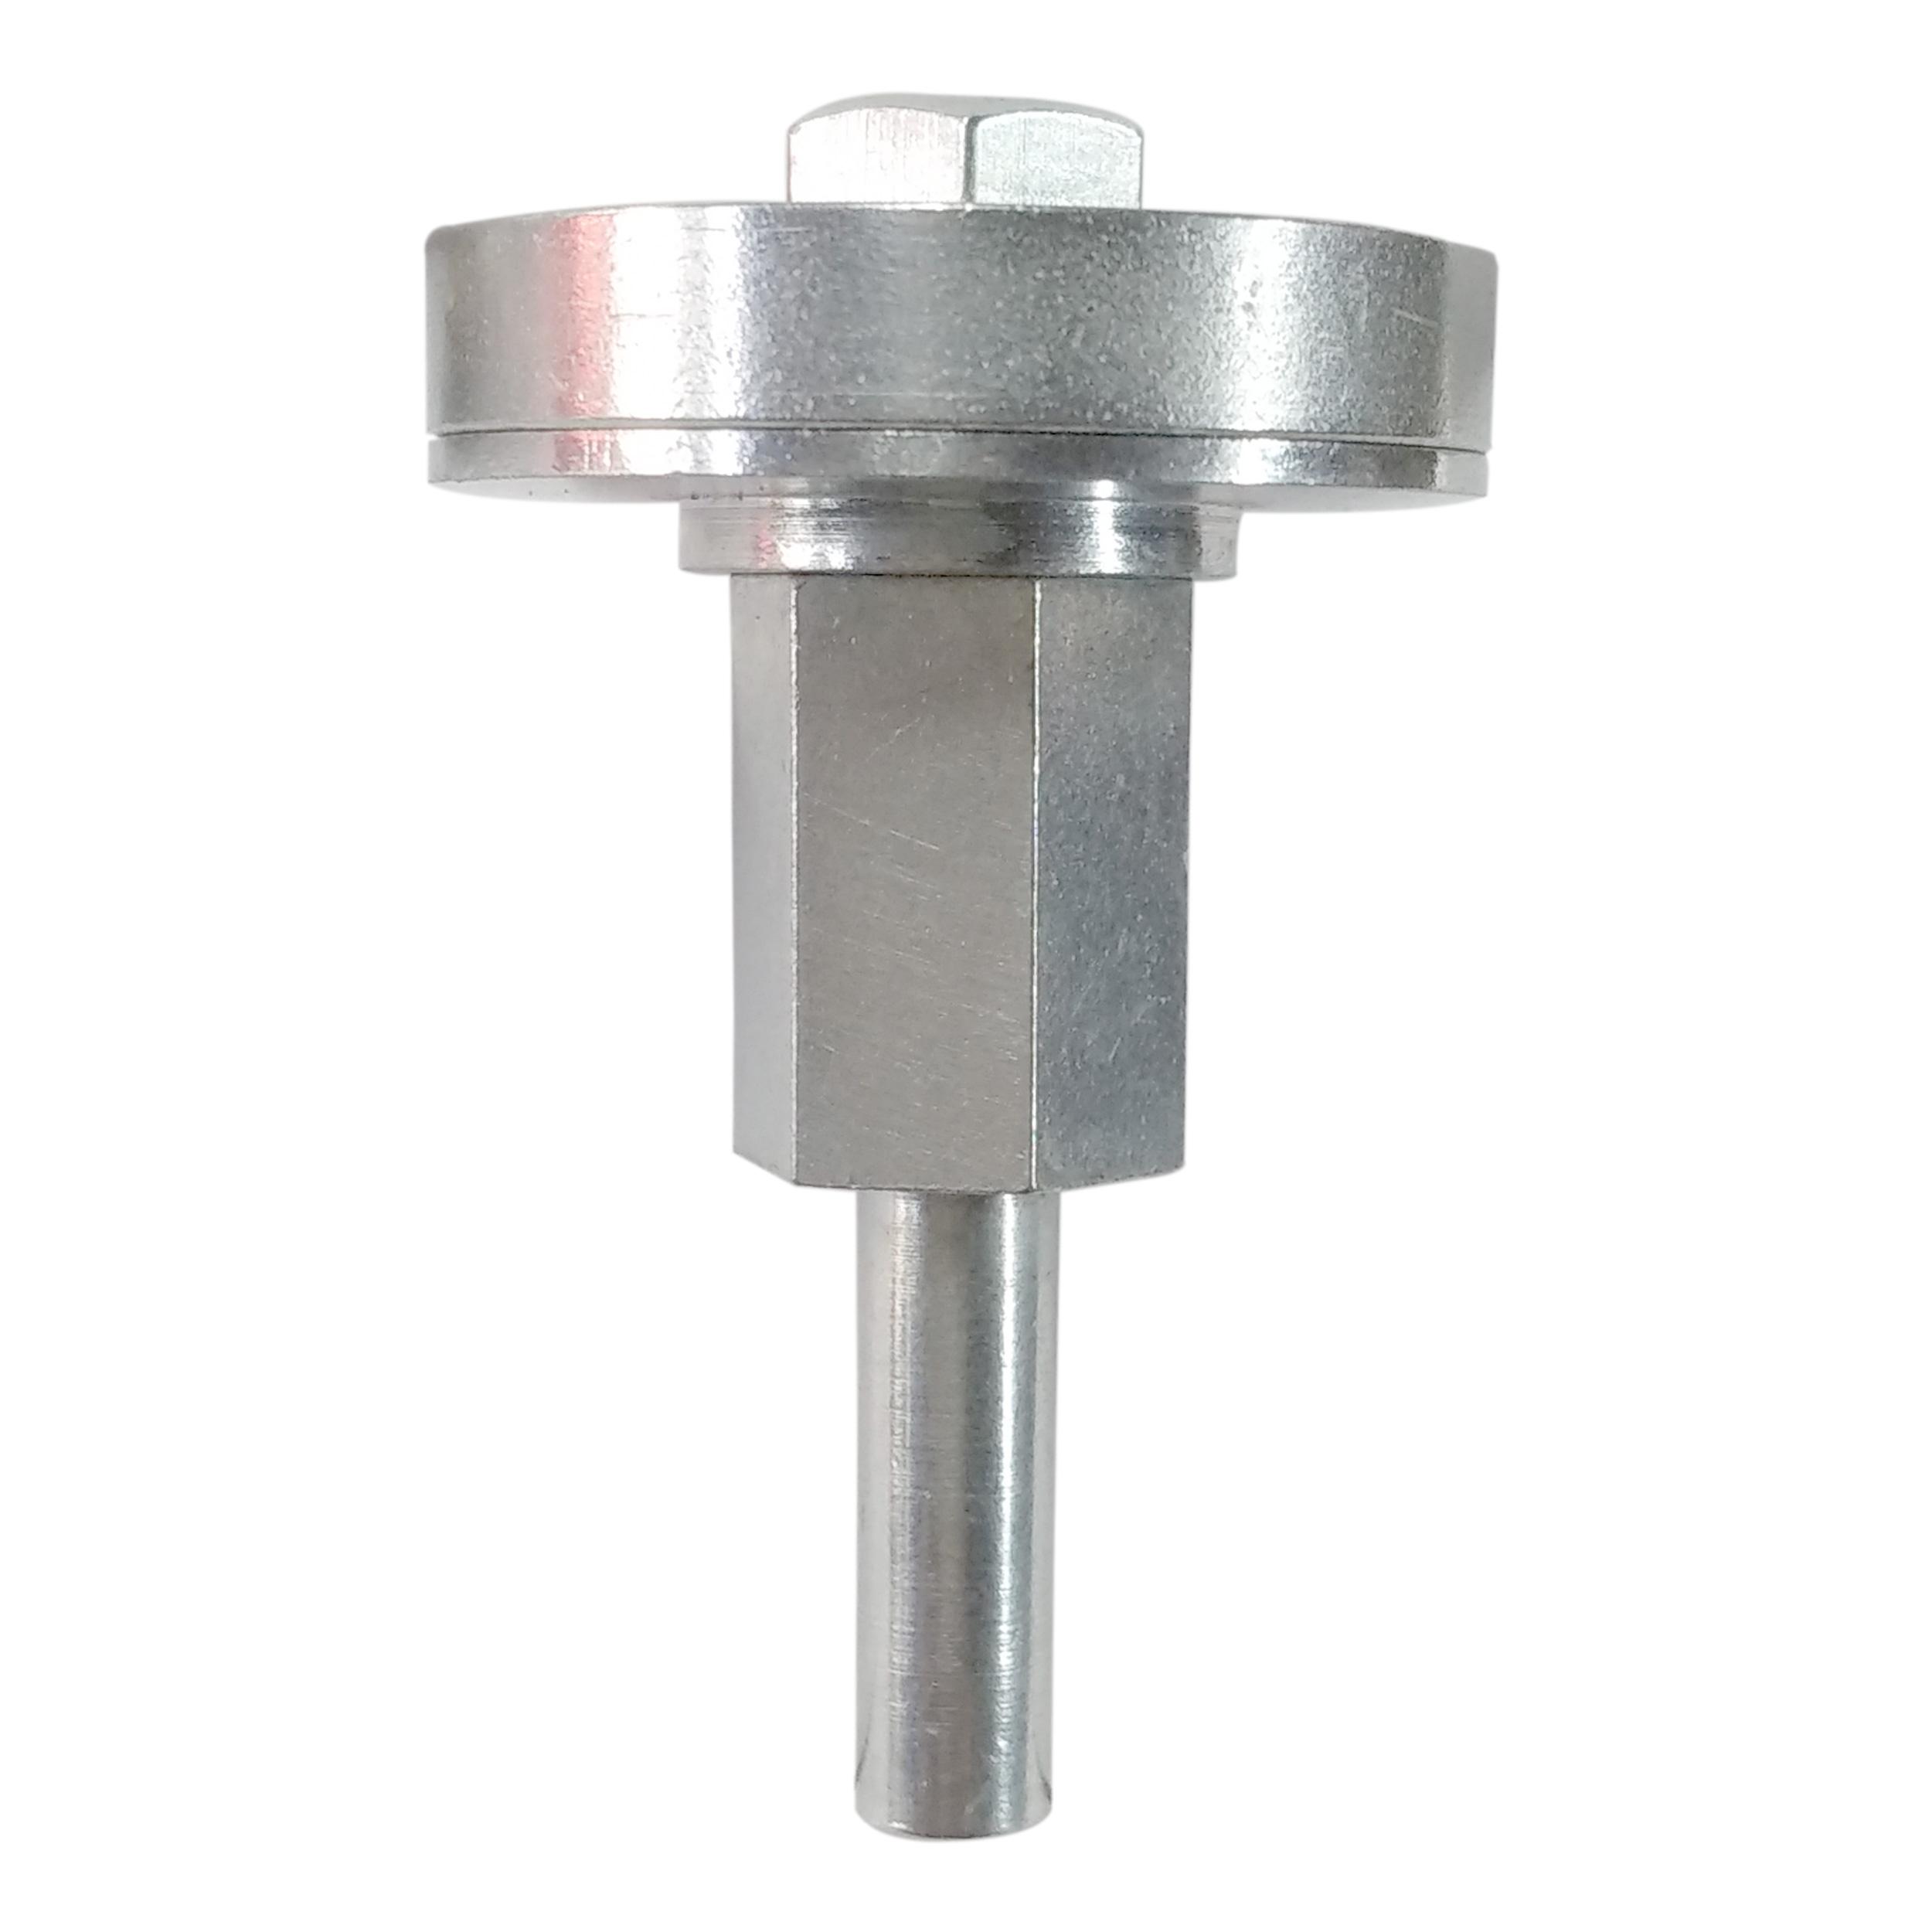 تبدیل سر دریل به پایه فرز مدل 5647